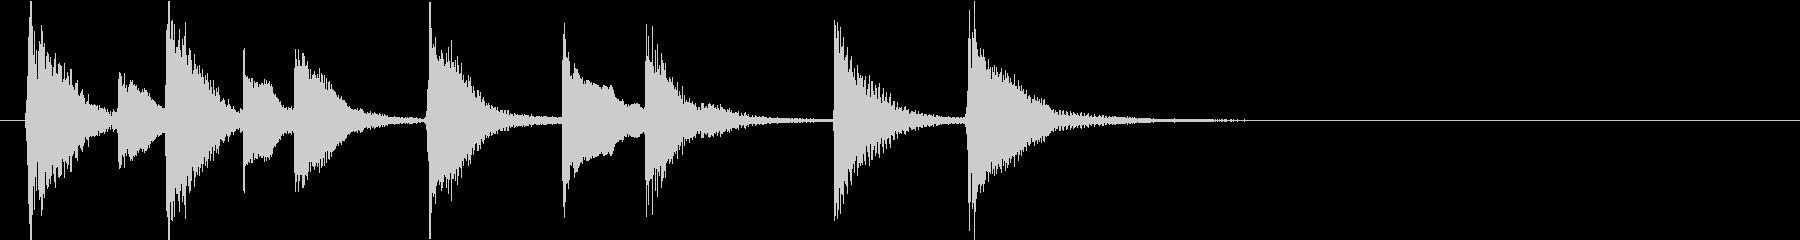 可愛い・ルンルン気分のピアノソロジングルの未再生の波形